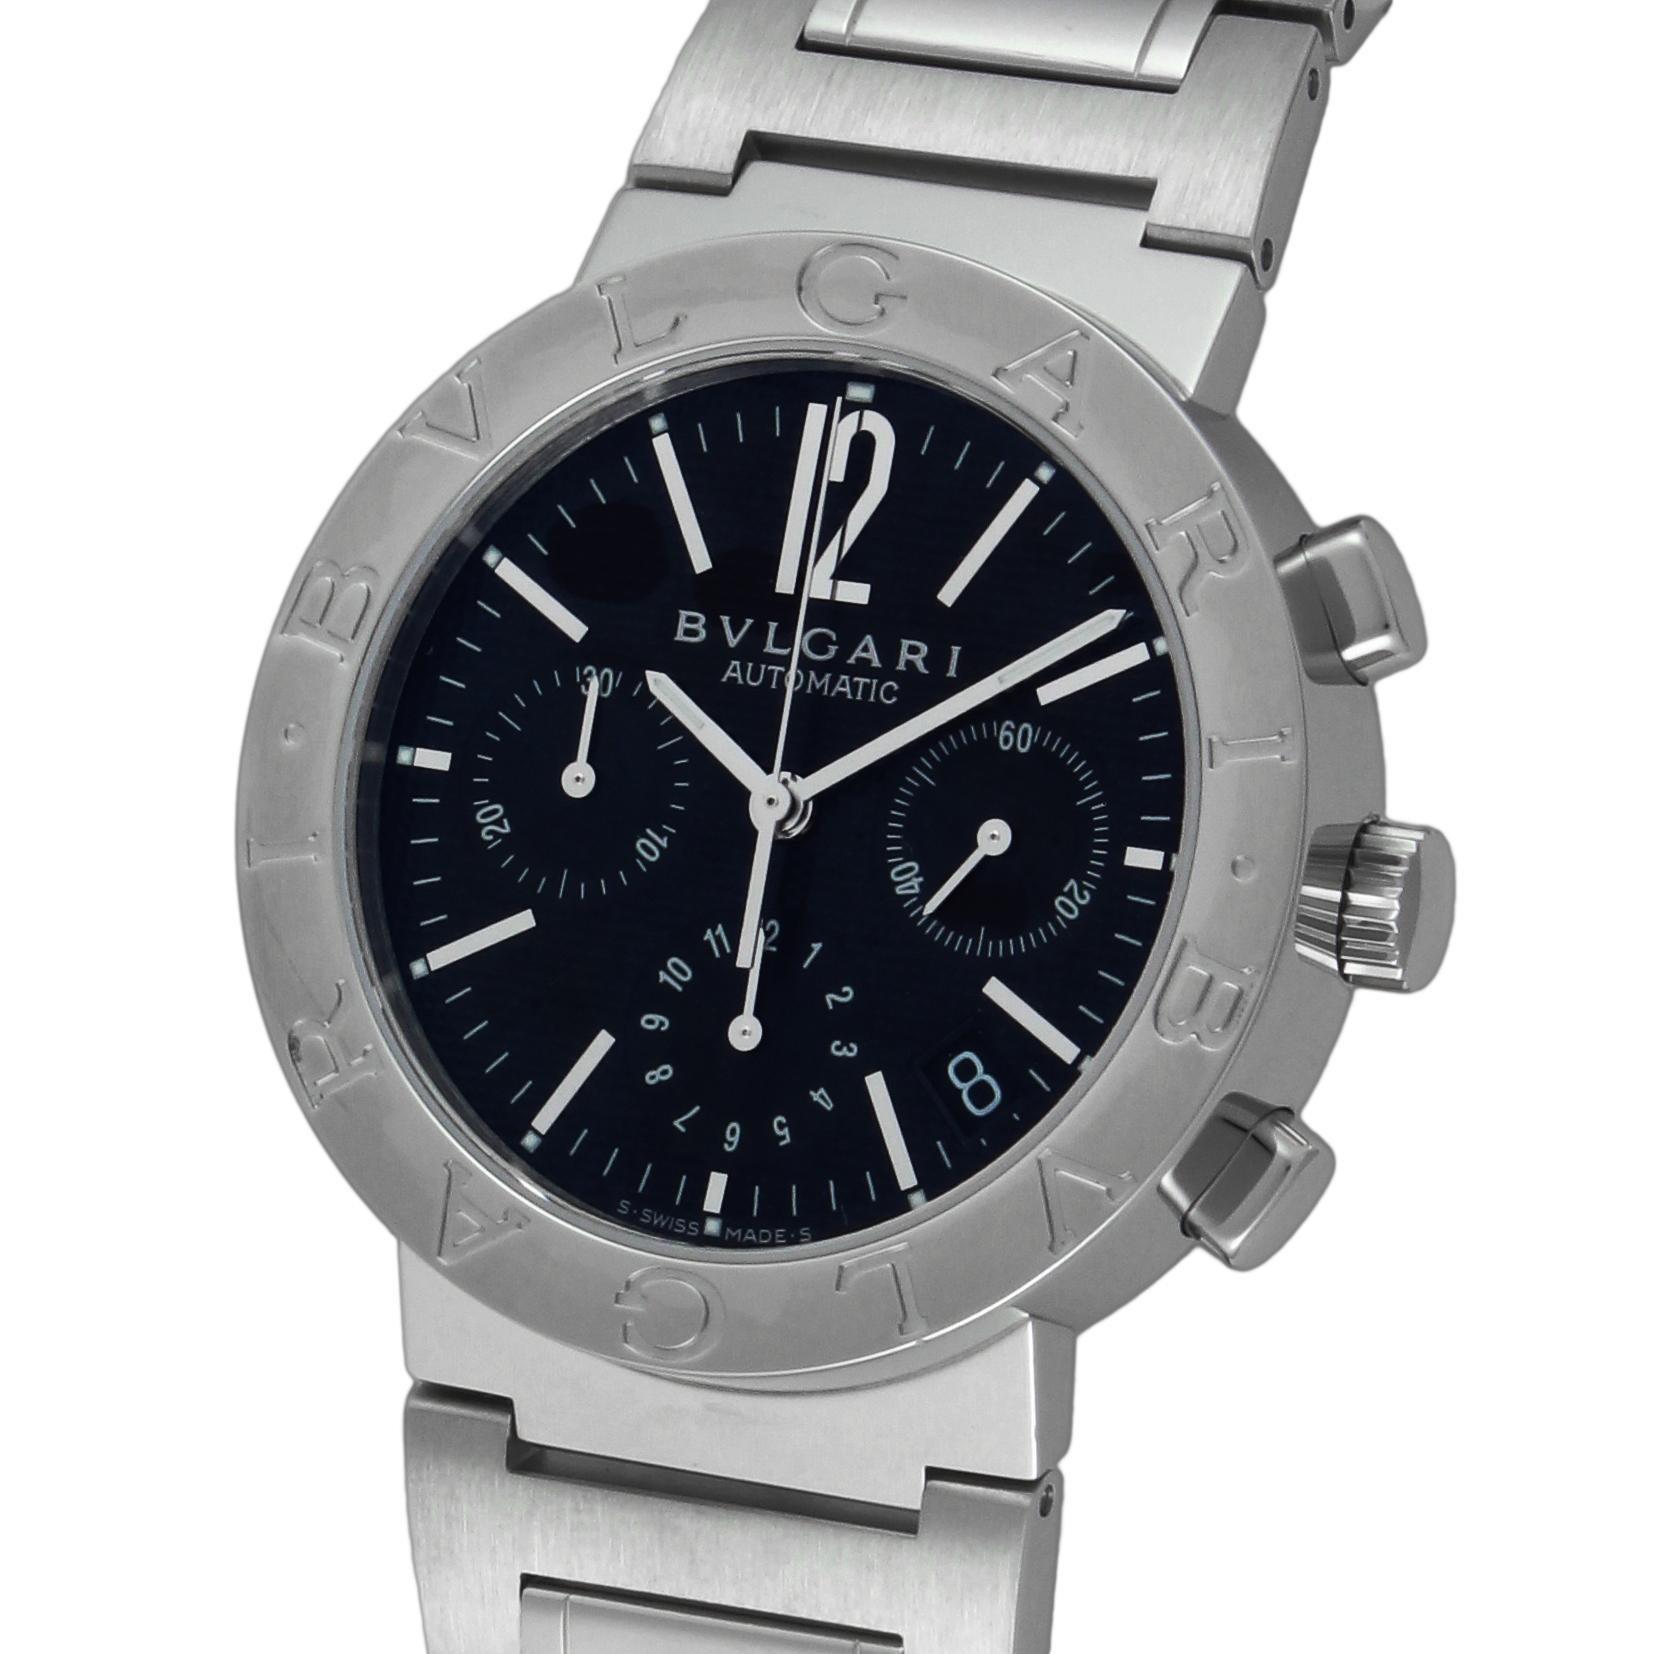 1377b0a4932d Amazon | [ブルガリ]BVLGARI 腕時計 BB38BSSDCH ブルガリブルガリ クロノ ...